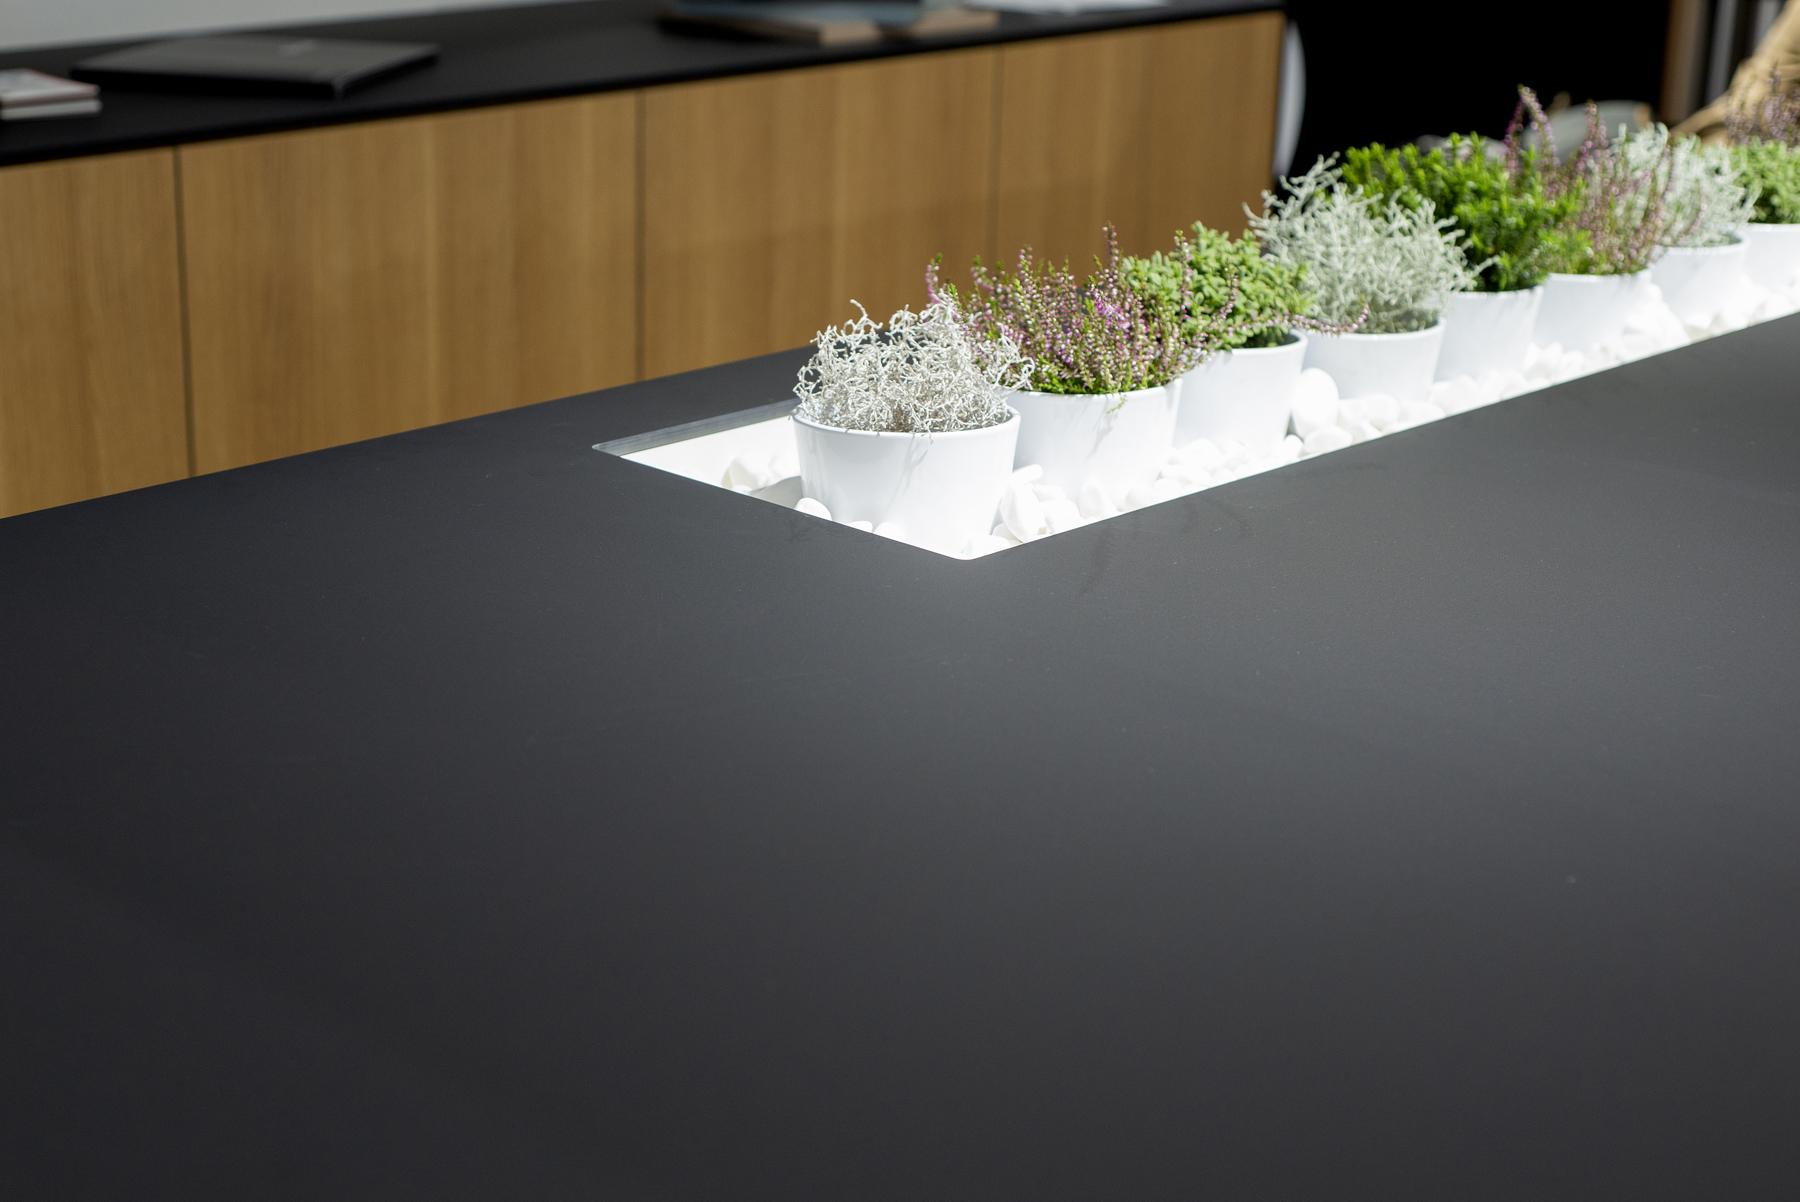 Cienkie blaty kompaktowe - piękna matowa powierzchnia